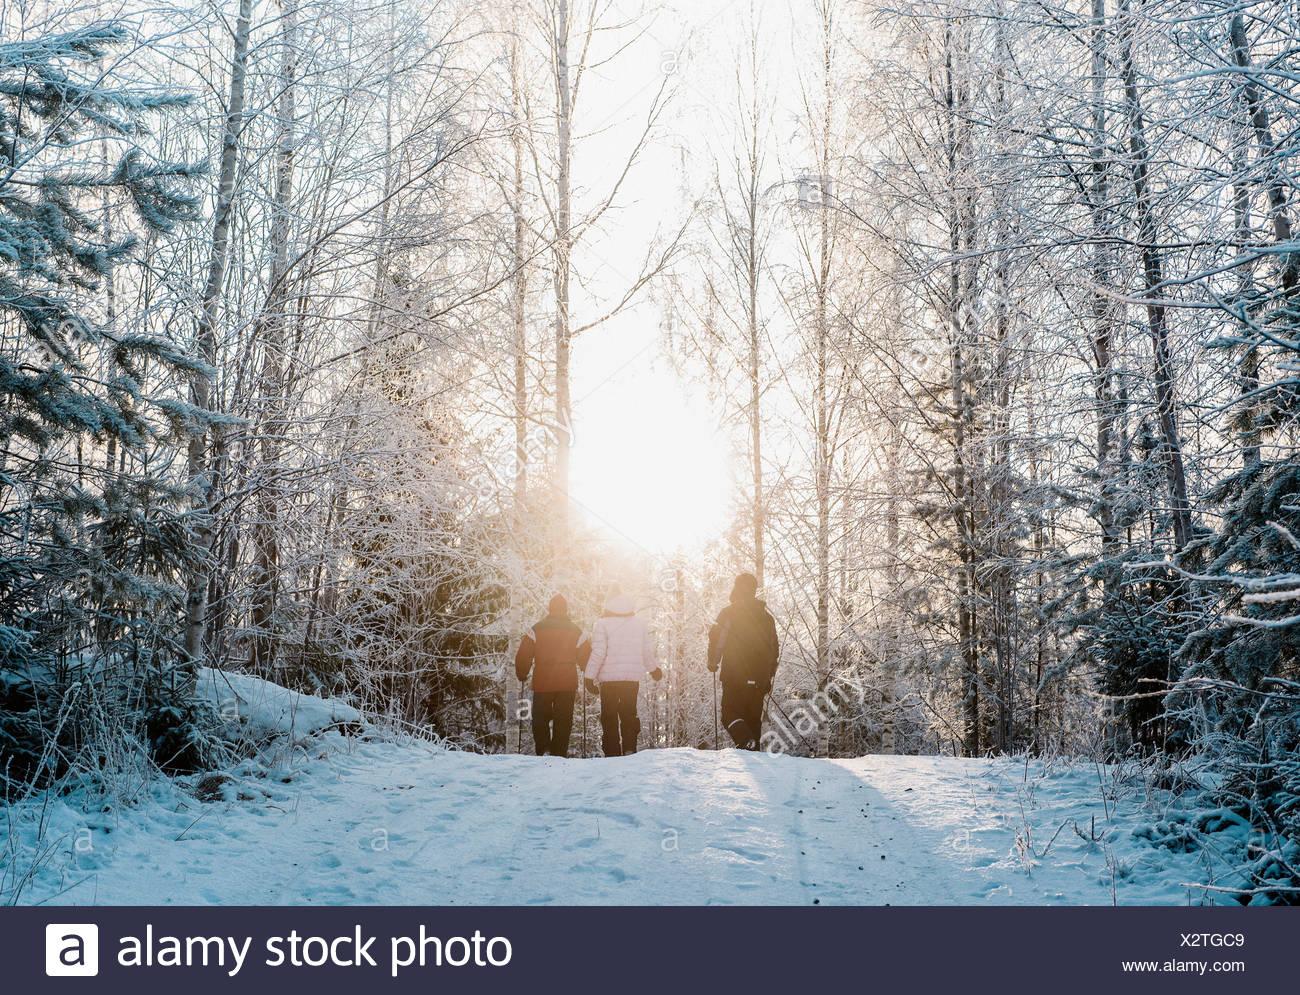 Tre persone nordic walking in coperta di neve forest Immagini Stock